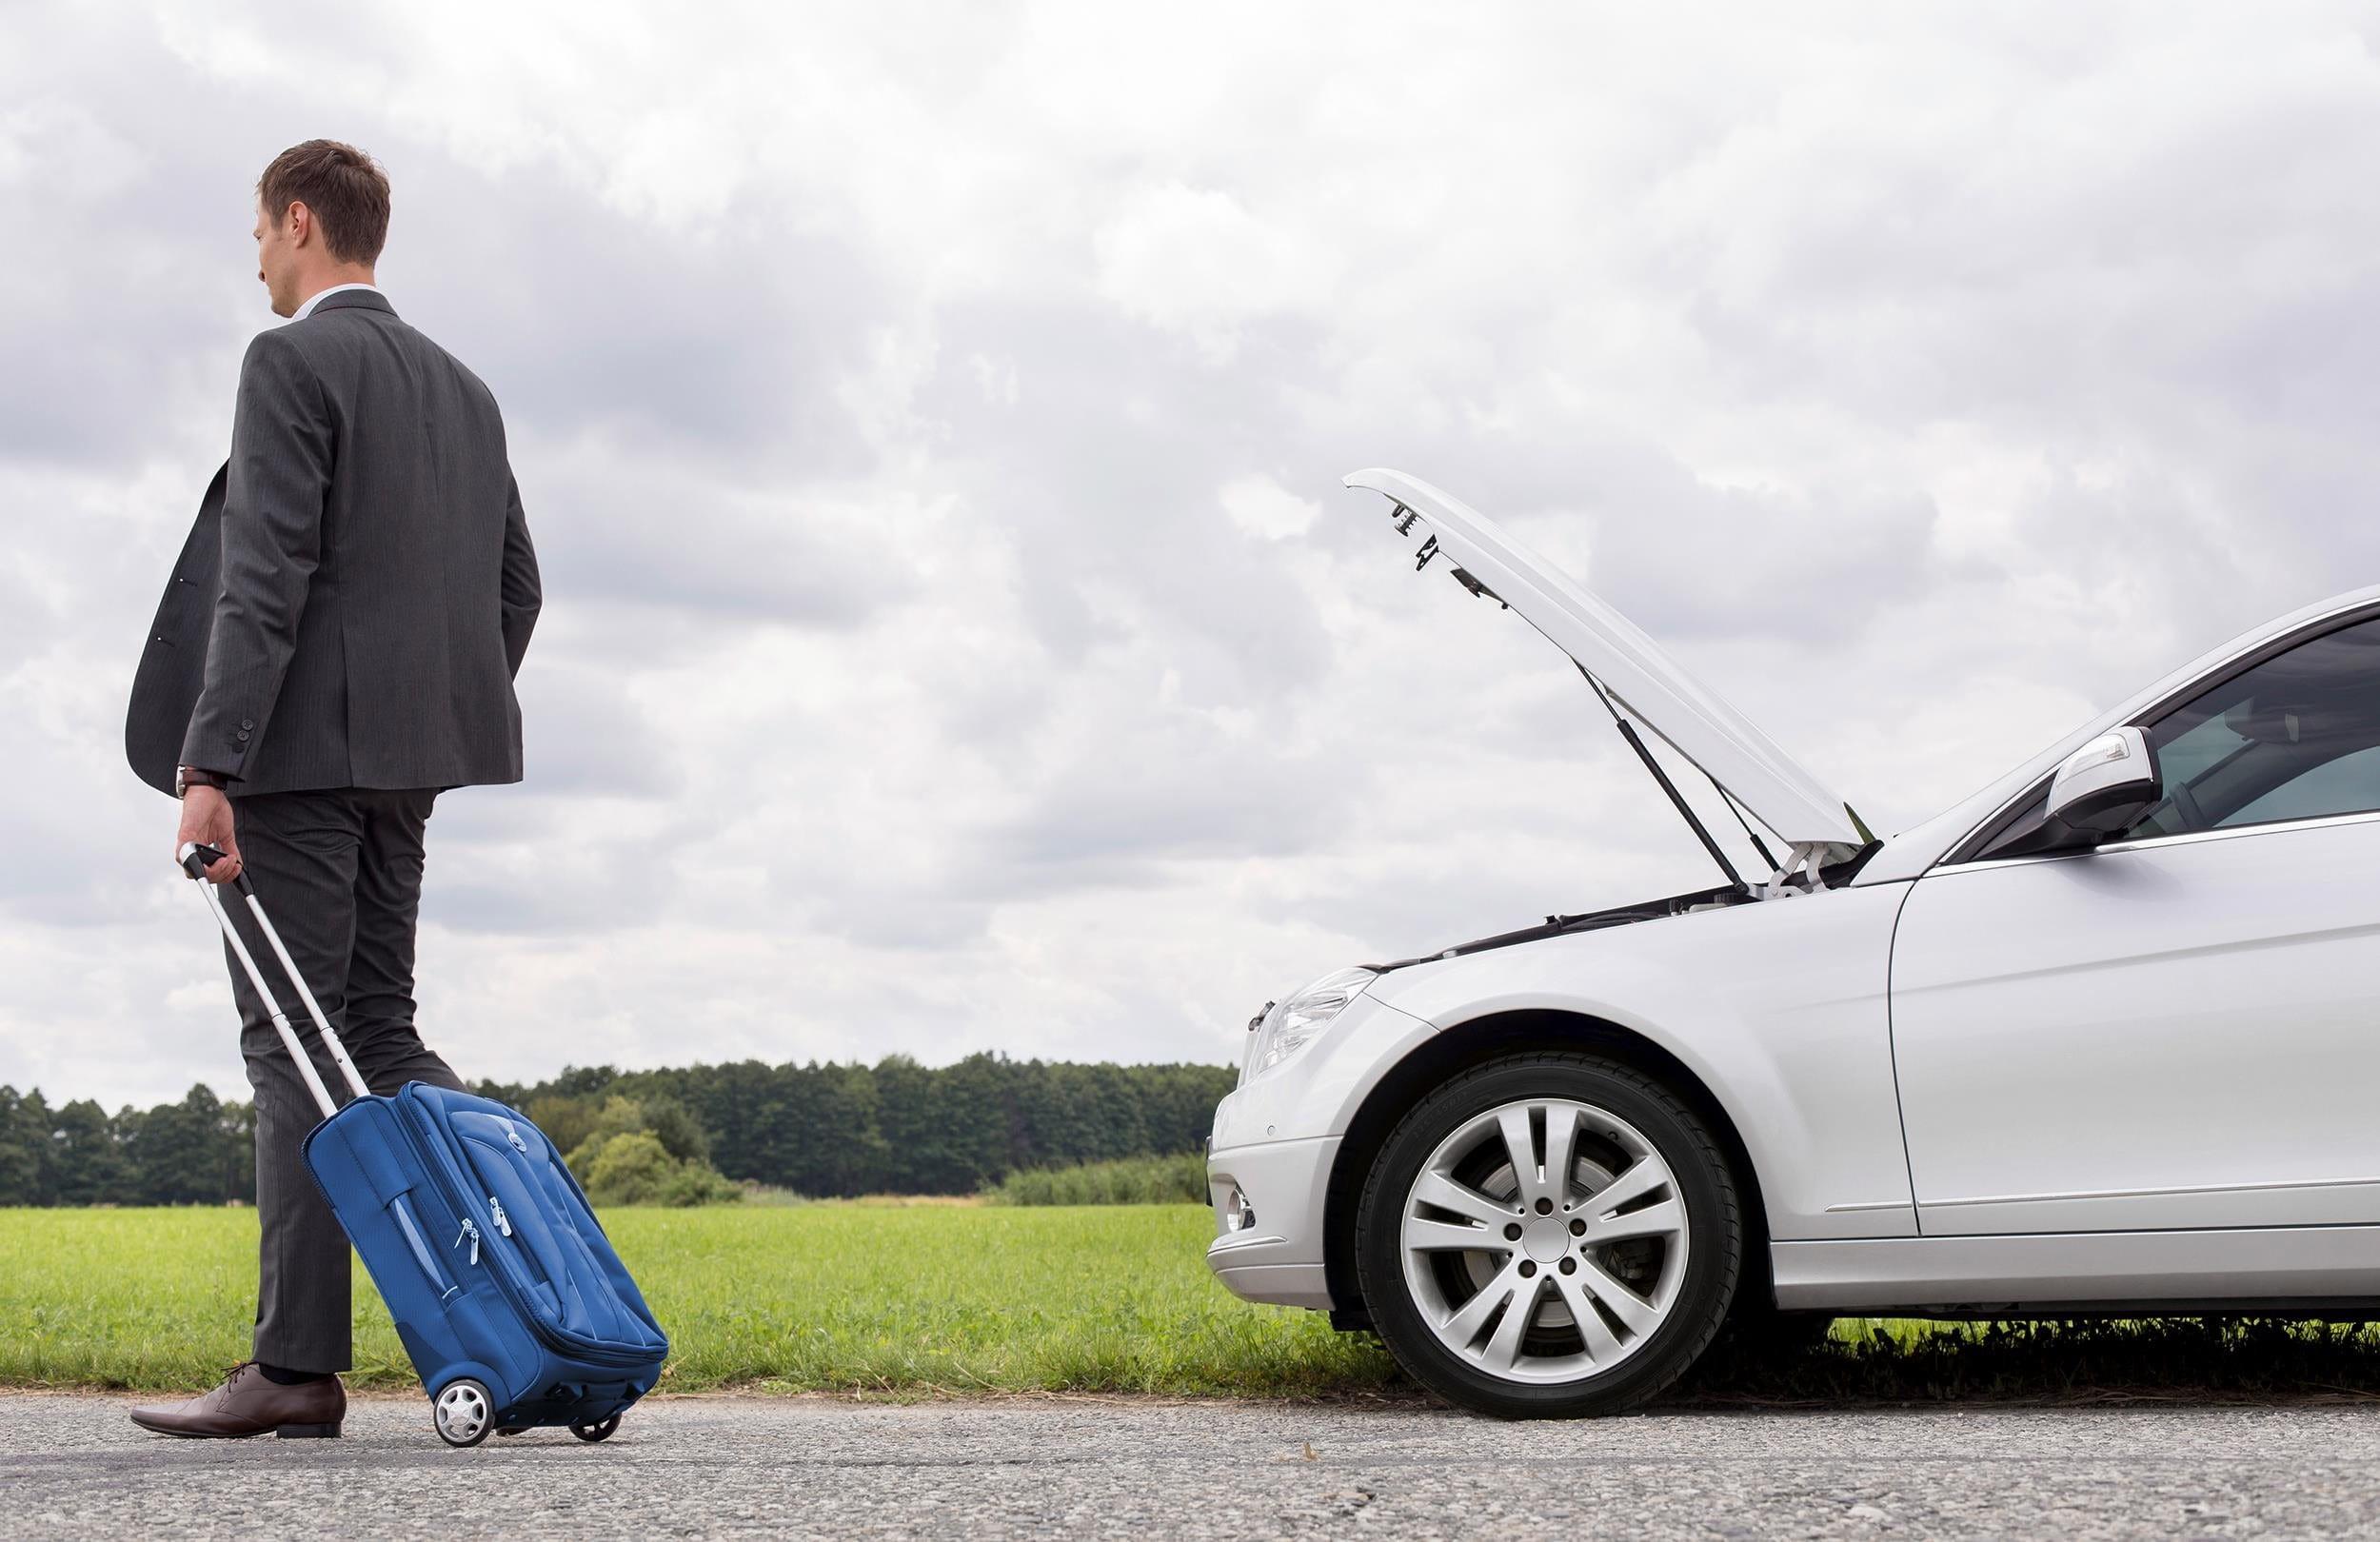 Déclarer une panne ou un événement en voyage